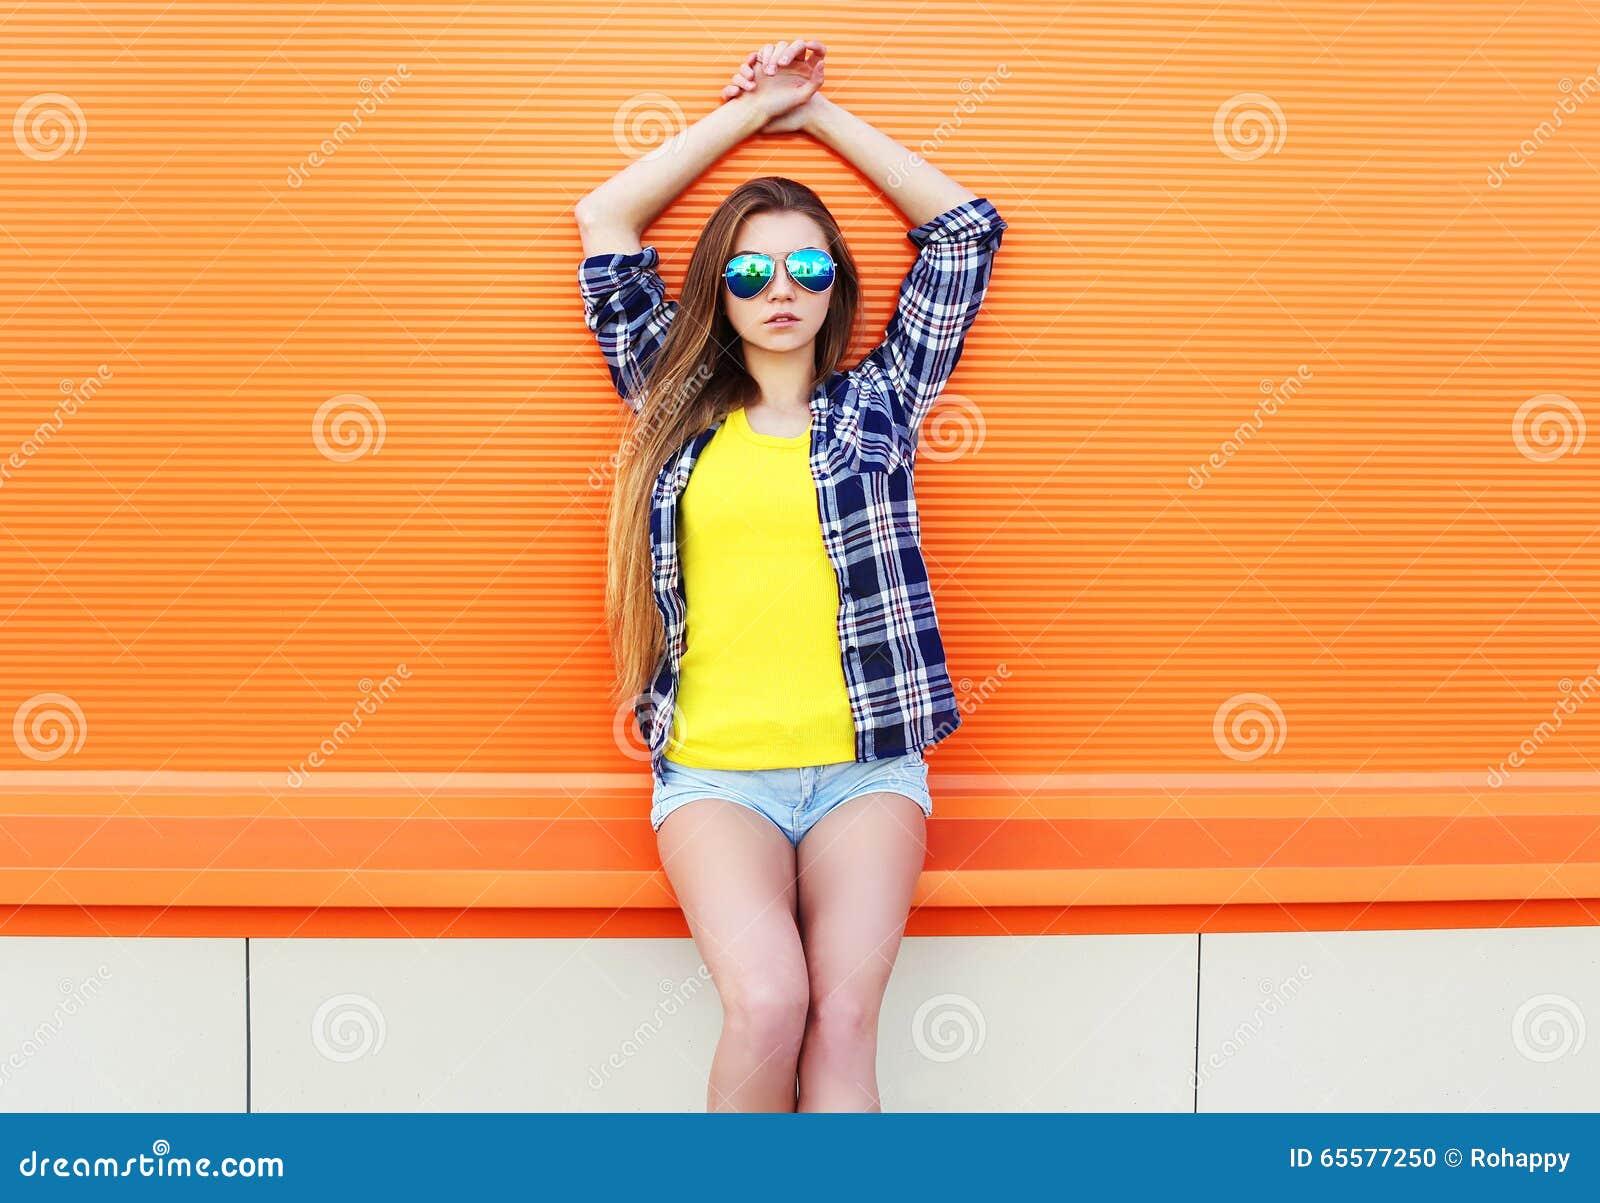 Forme a vestir bonito da menina óculos de sol e short na cidade sobre colorido